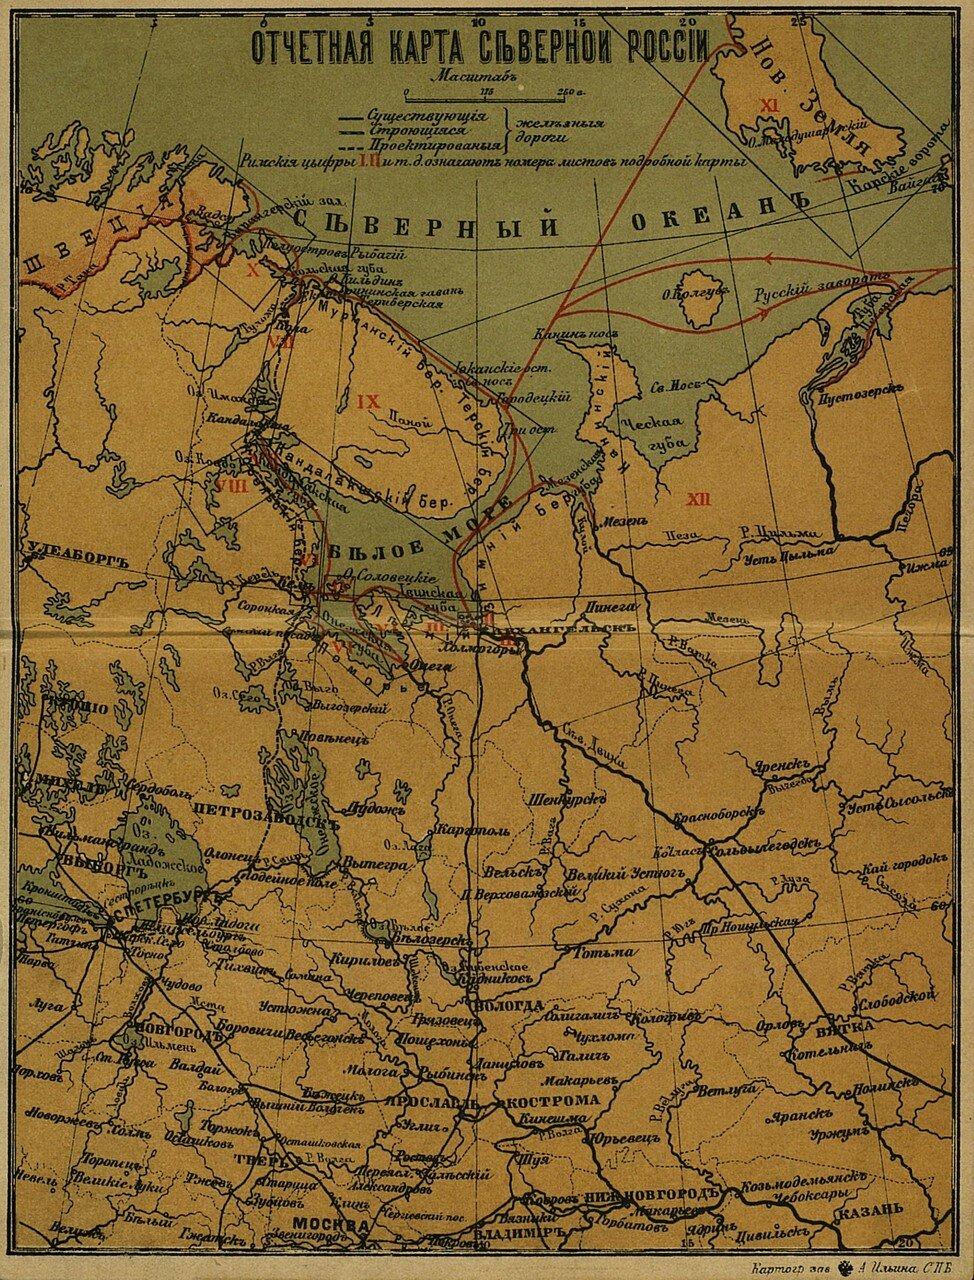 Отчетная карта Северной России, 1899